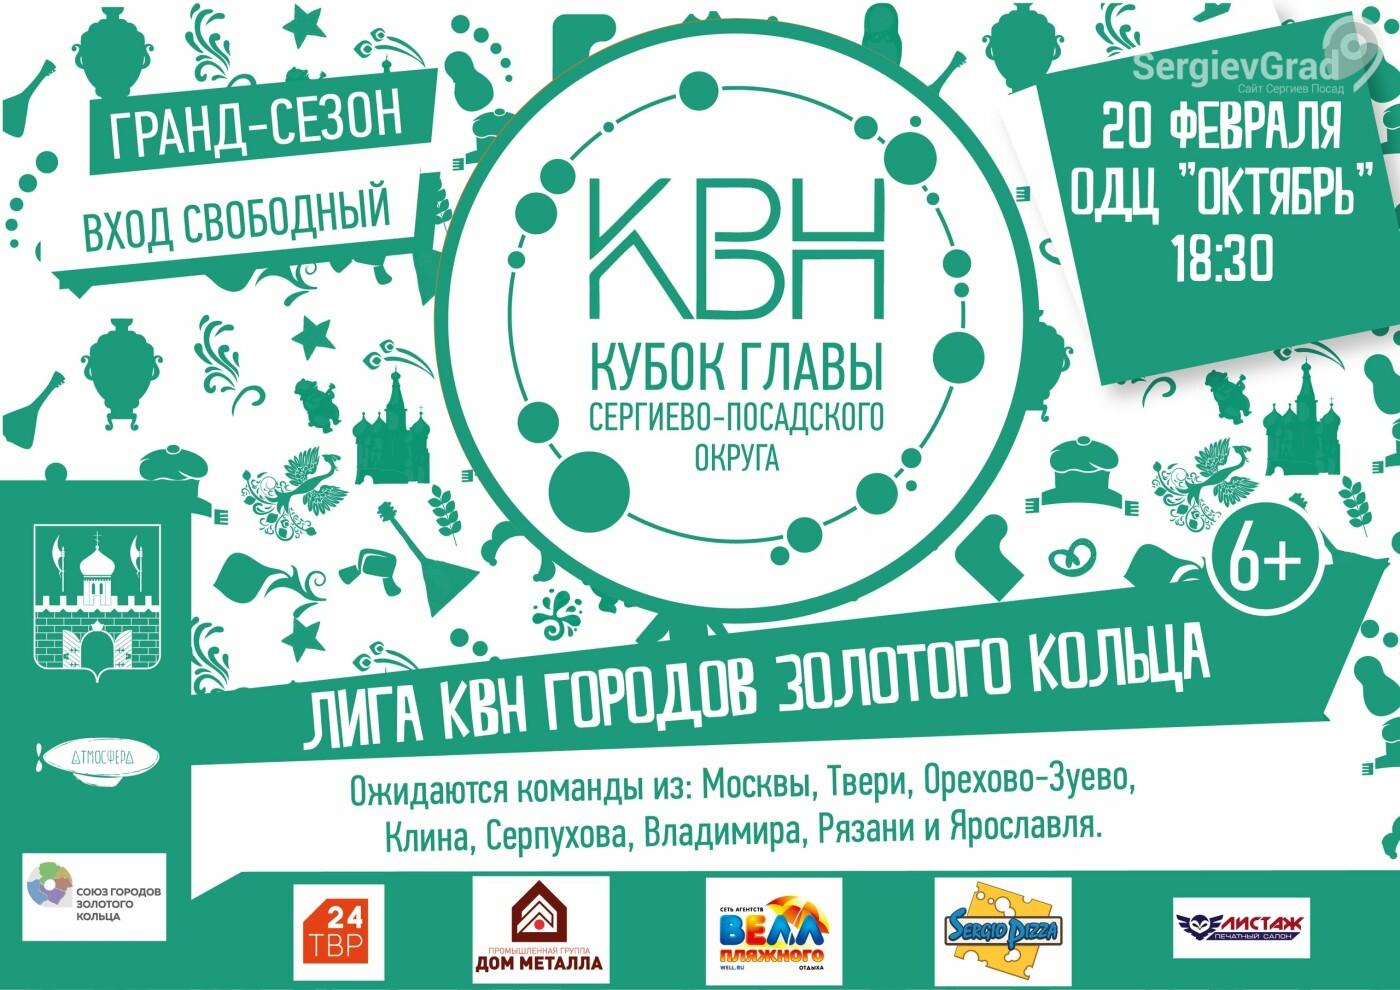 В ОДЦ «Октябрь» 20 февраля пройдёт соревнование за Кубок Лиги КВН Золотого кольца